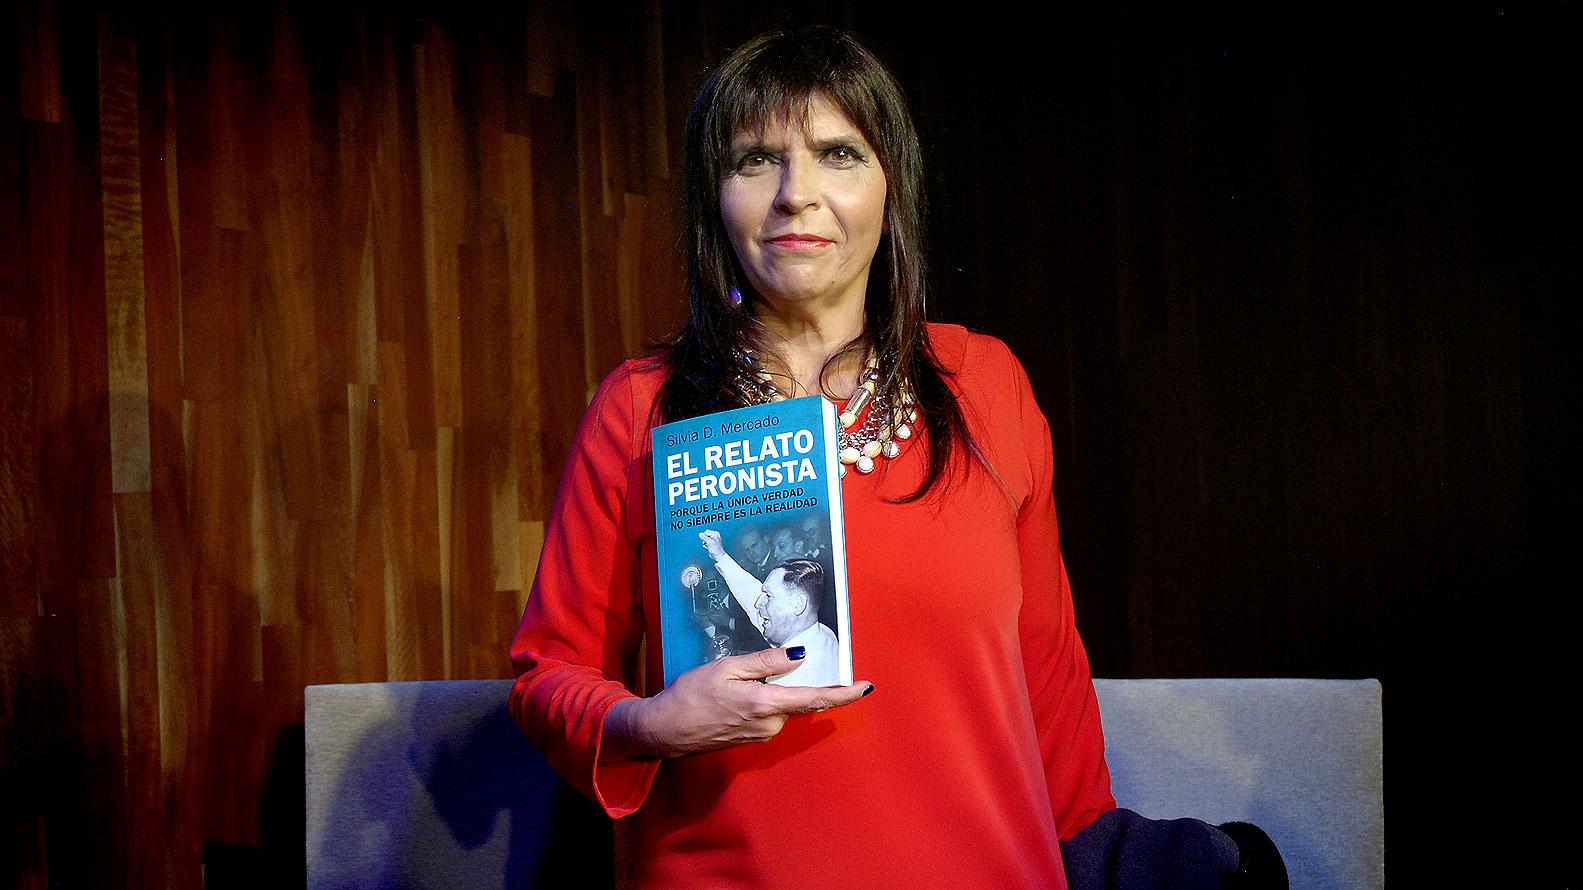 Silvia Mercado se burló de Alberto Fernandez en Twitter y las redes explotaron - Nexofin